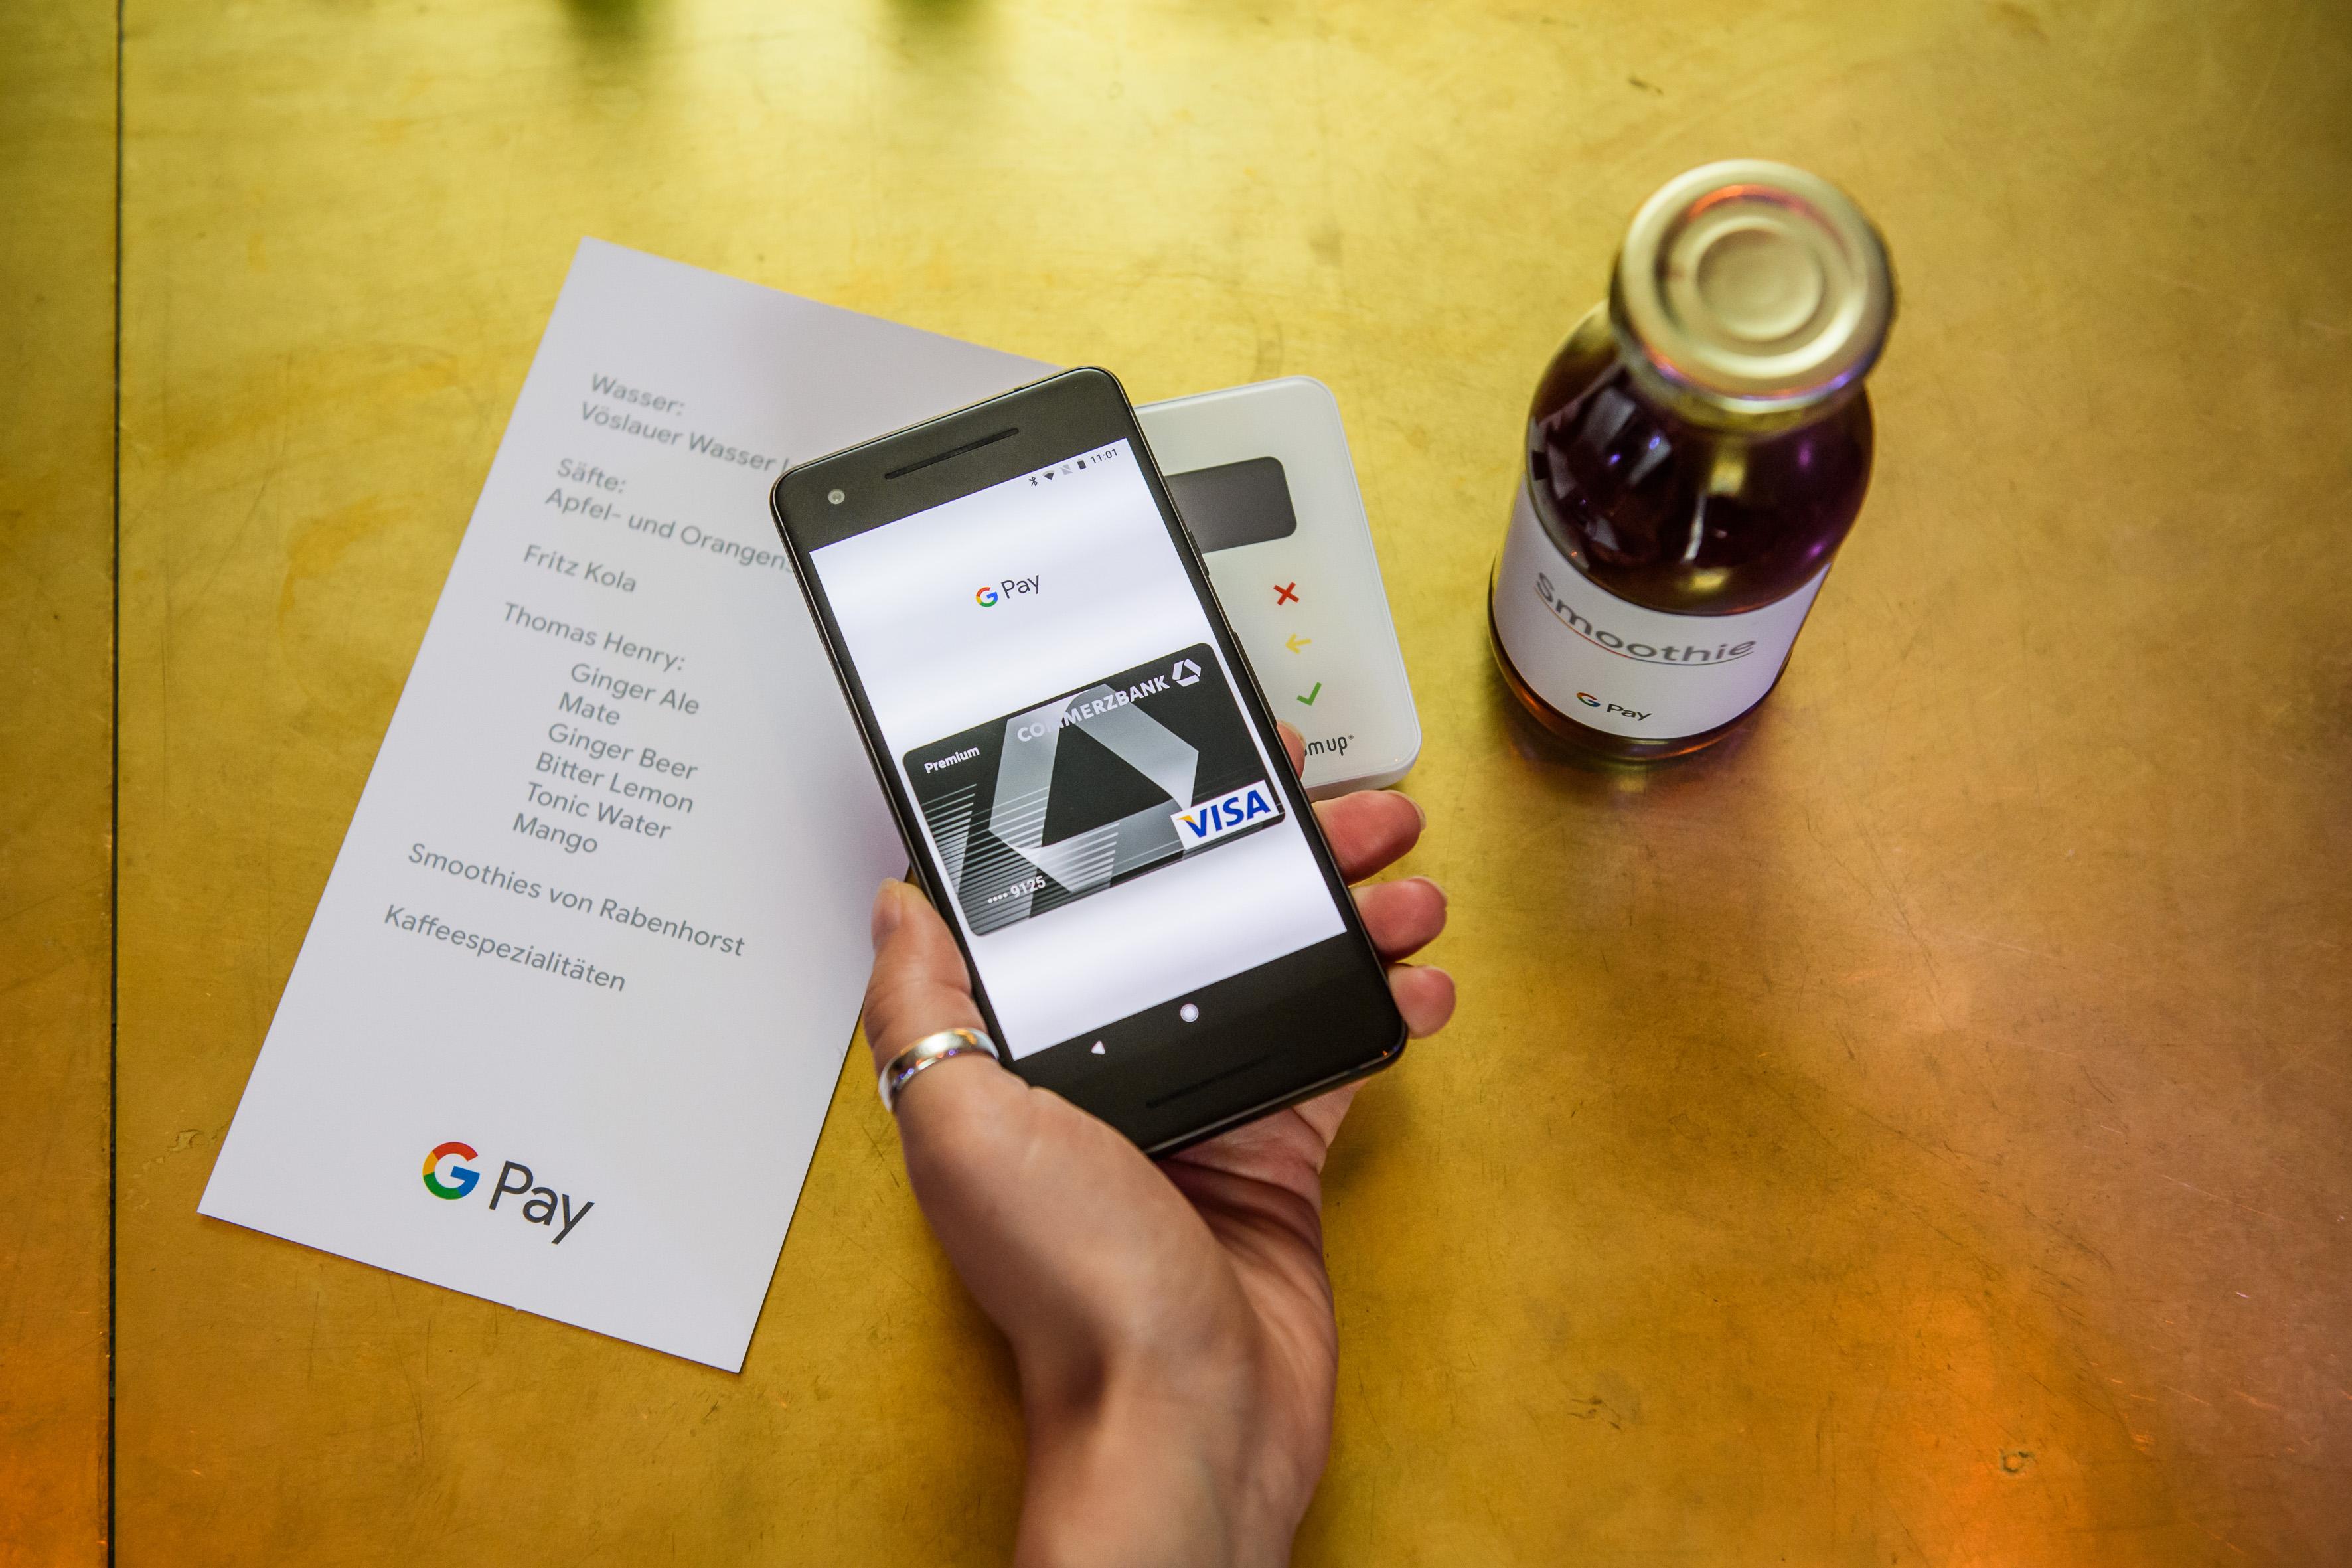 Kartennummer Ec Karte Commerzbank.Google Pay Die 5 Wichtigsten Fakten Zum Deutschlandstart